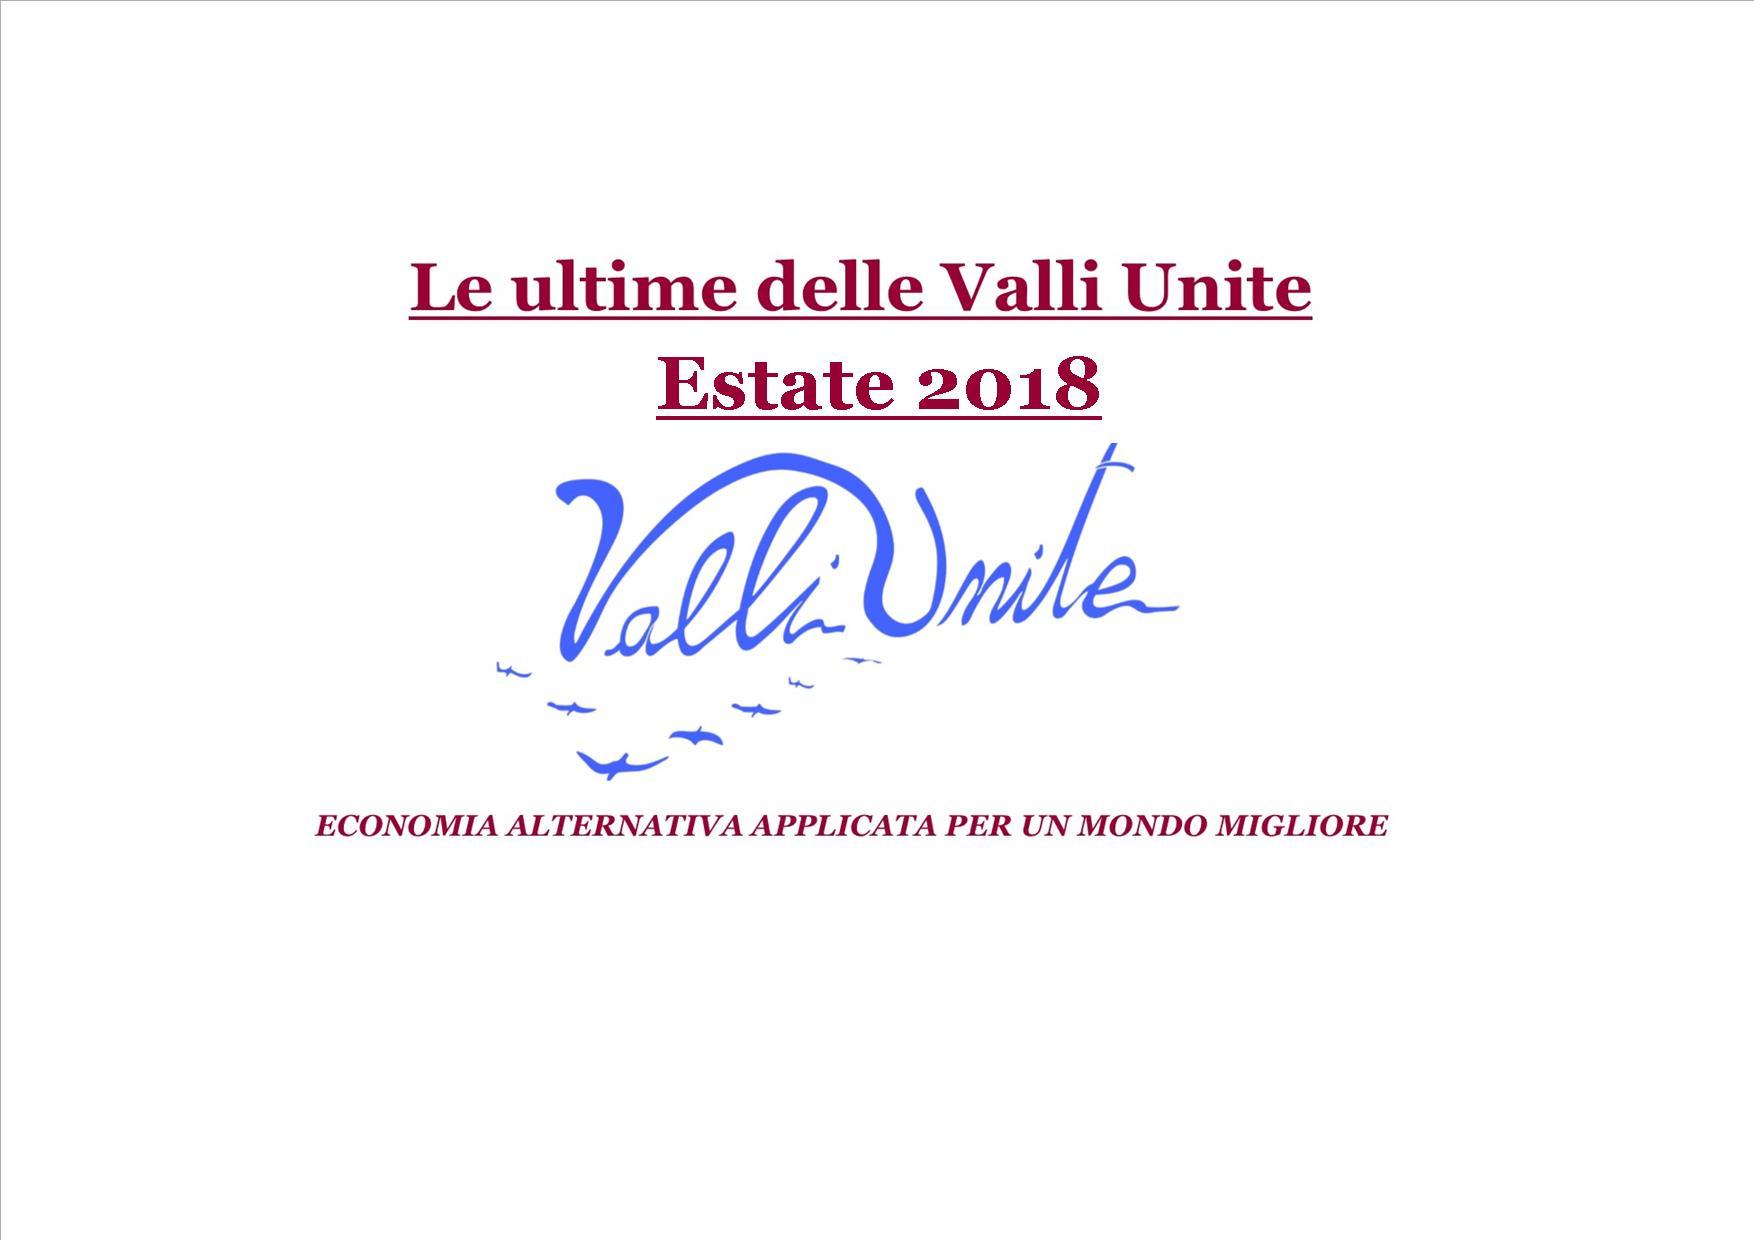 Le Ultime delle Valli Unite Estate 2018